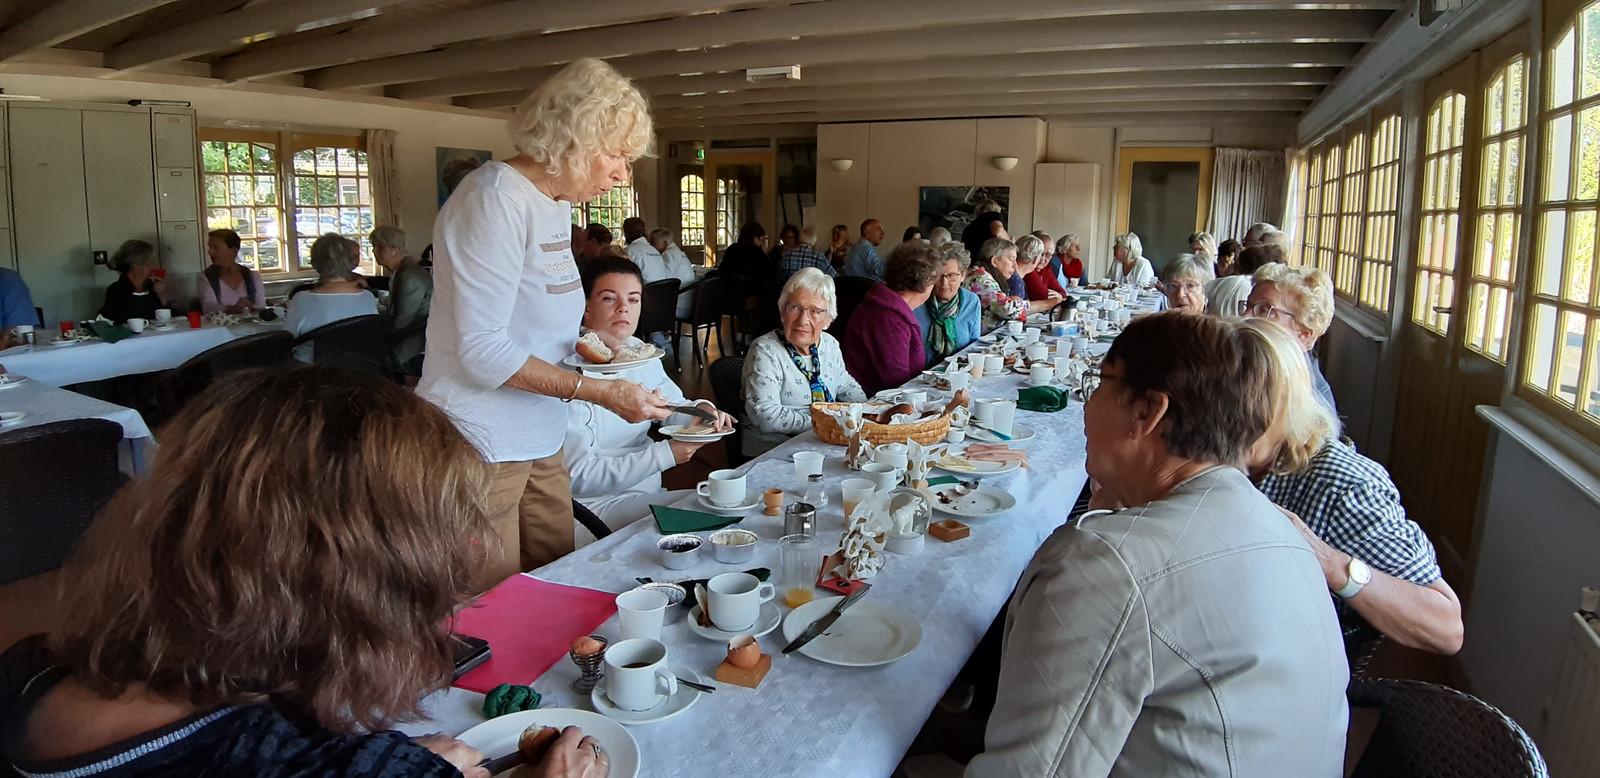 De zwemmers van het Tuindorpbad in Hengelo sluiten het seizoen af met het afscheidsontbijt.